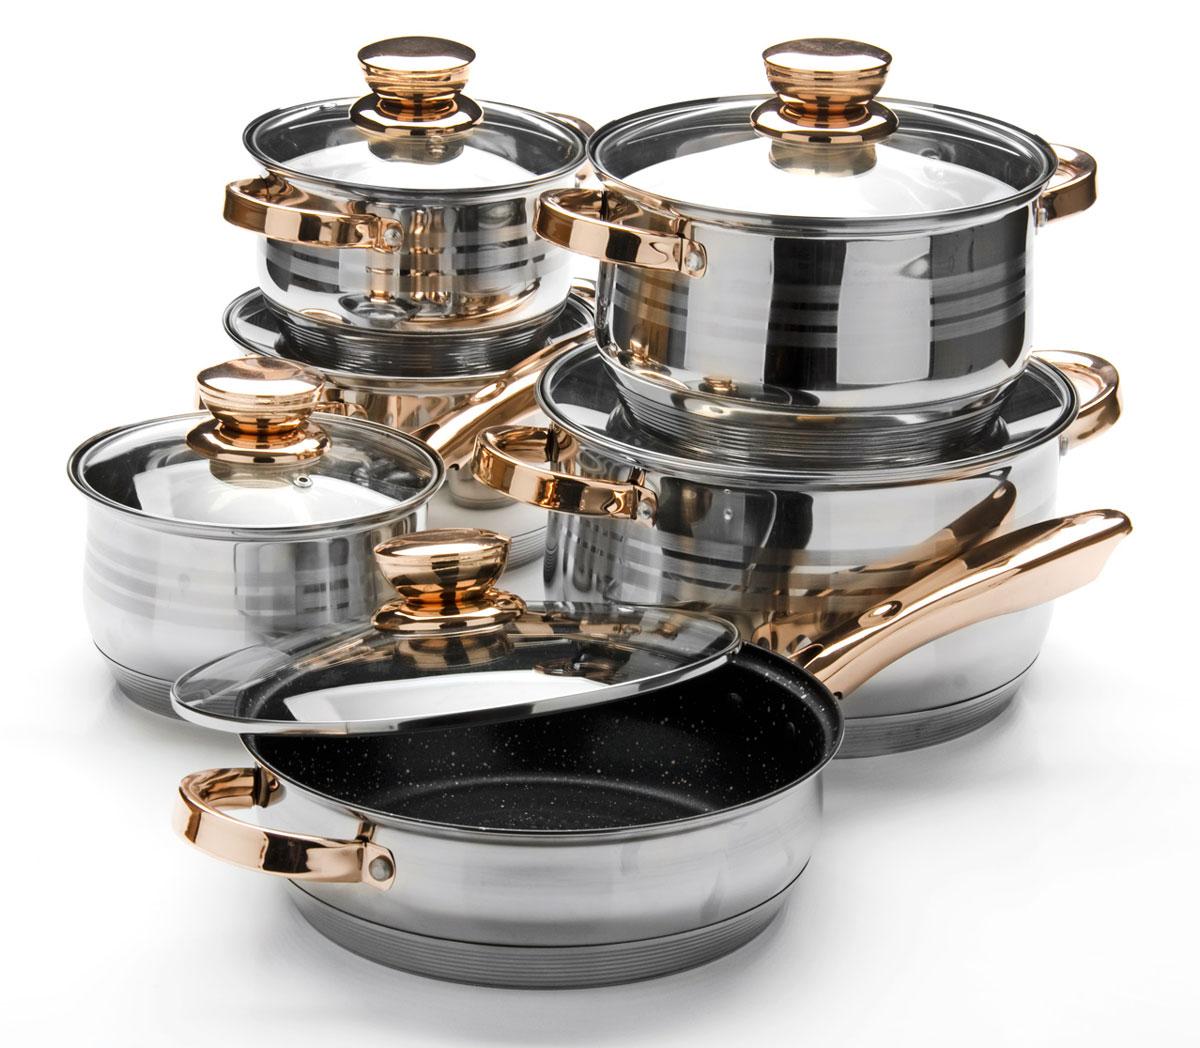 Набор посуды Mayer & Boch, 12 предметов. 2603454 0093122,1+2,1+2,9+3,9+6,6+3,4